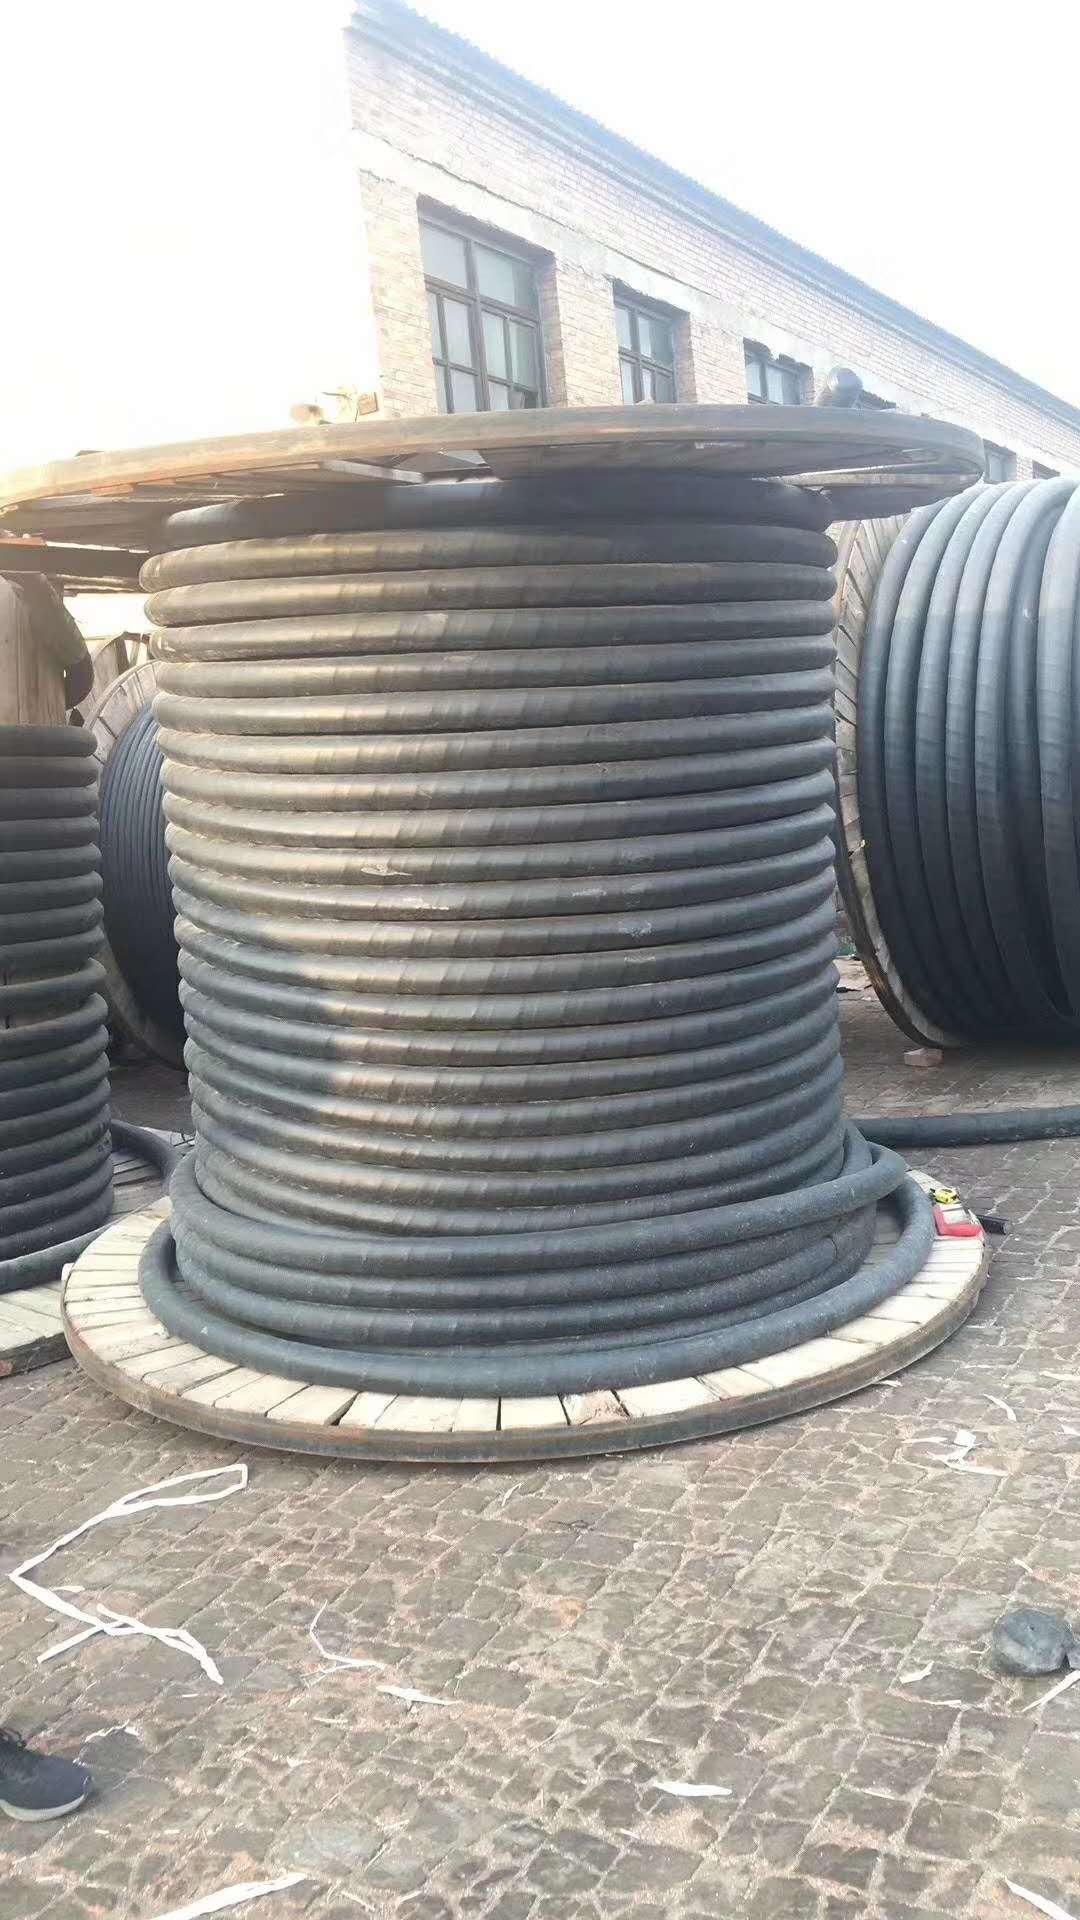 昌吉回收高压电缆行情价格